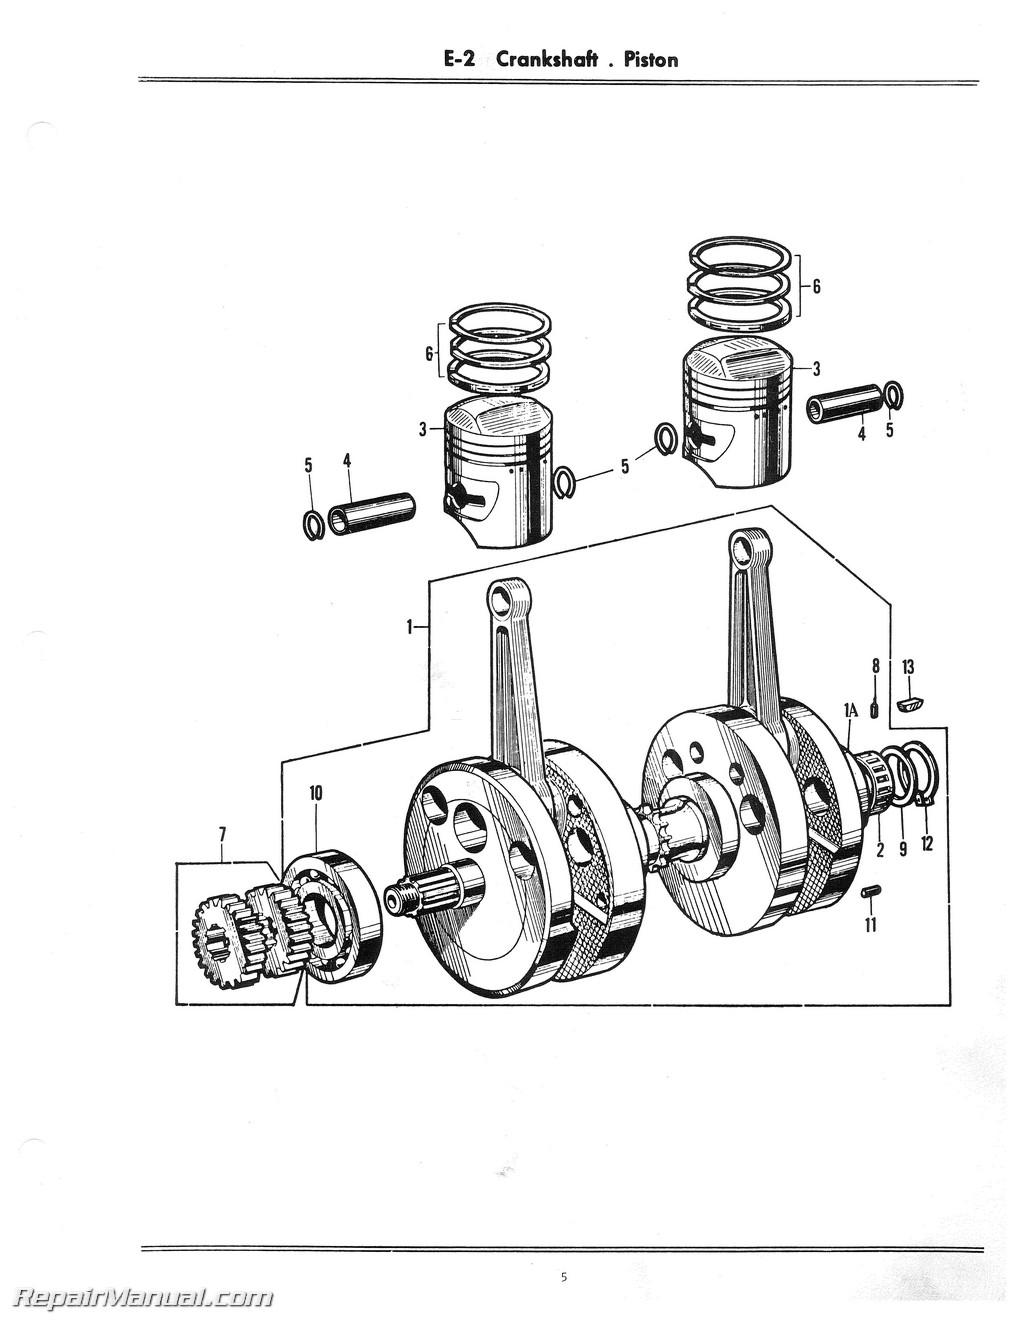 Honda CB160 Motorcycle Parts Manual